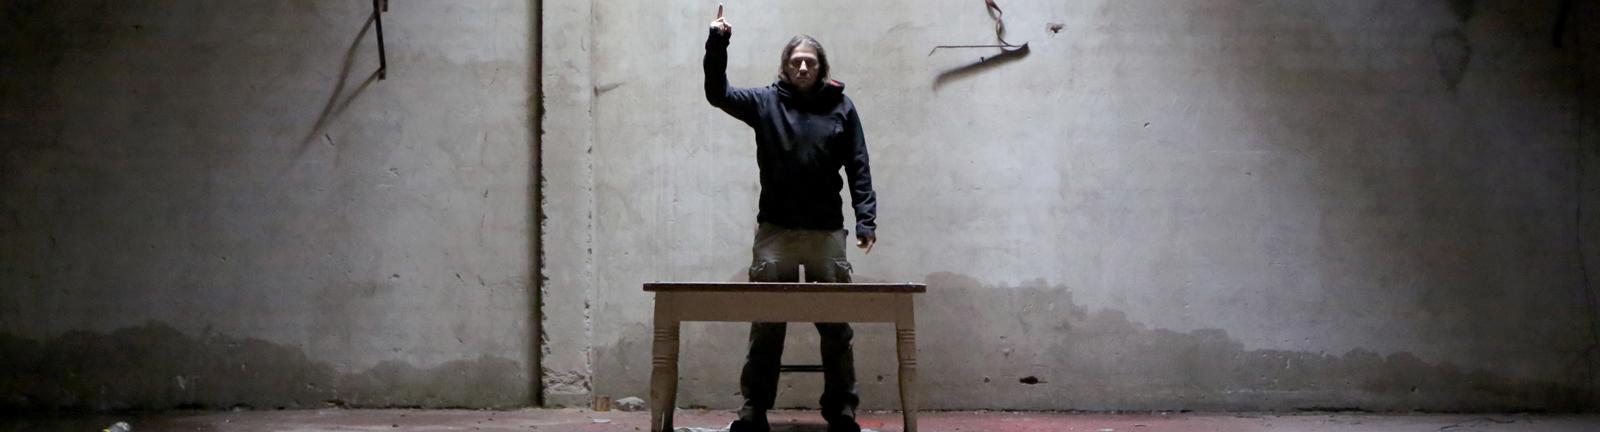 Ein Mann steht vor einem Tisch und hebt die Hand